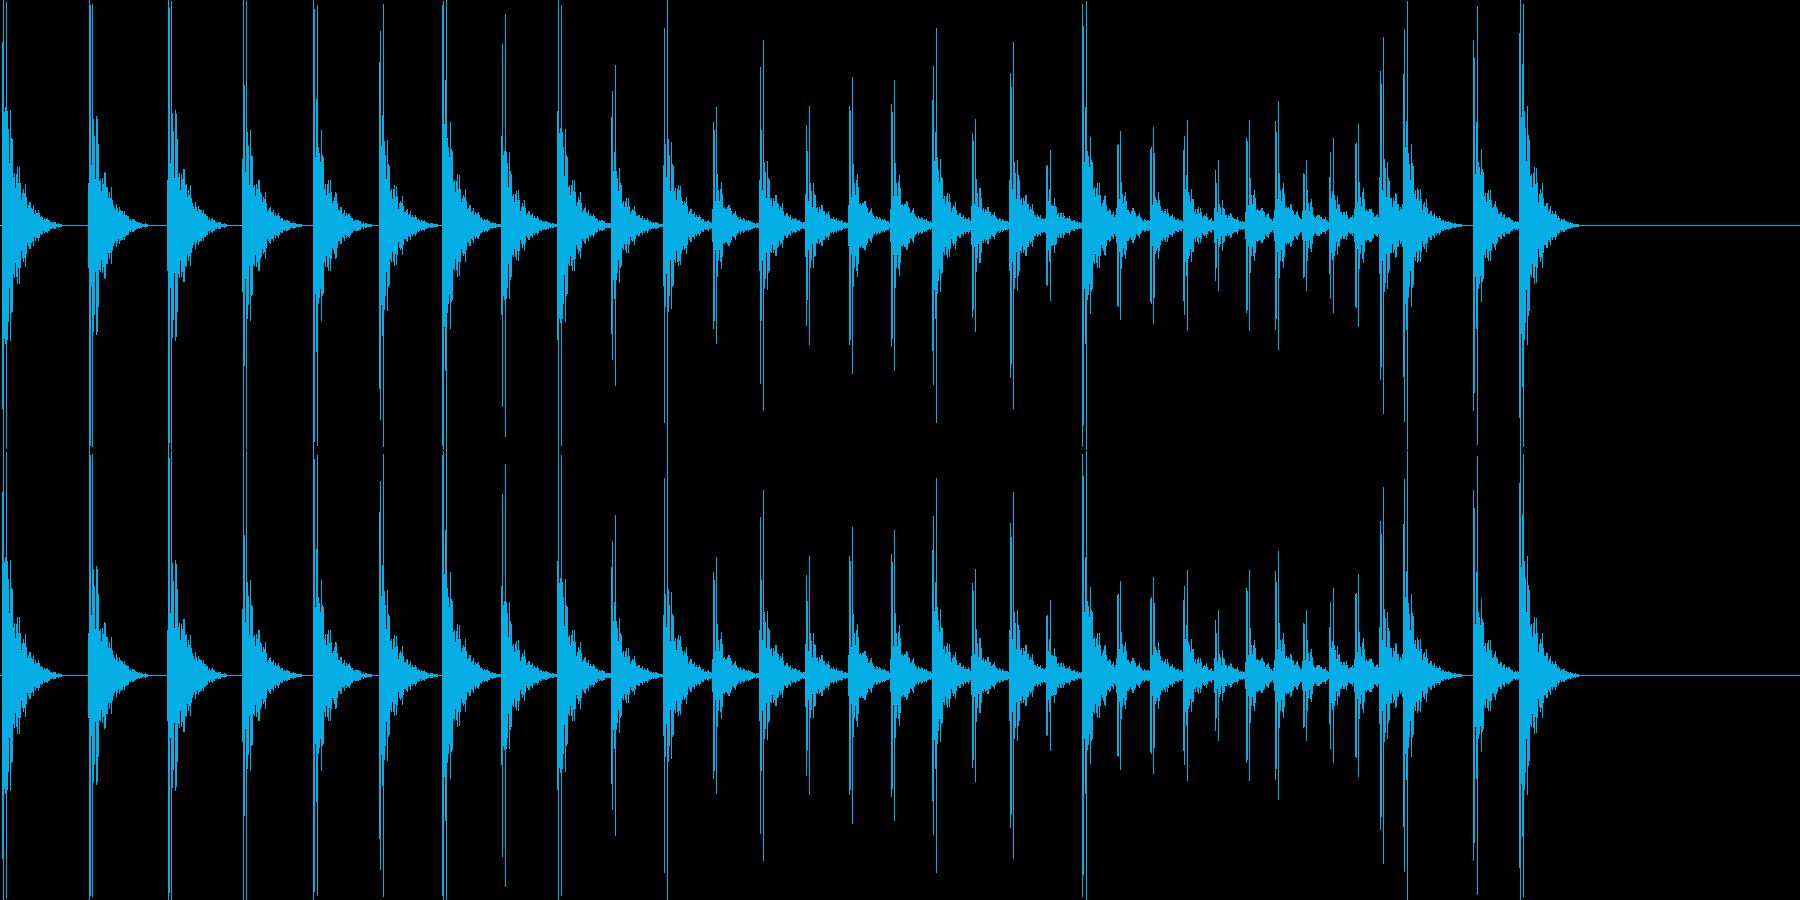 カン!カン!カン…… 拍子木のロールですの再生済みの波形